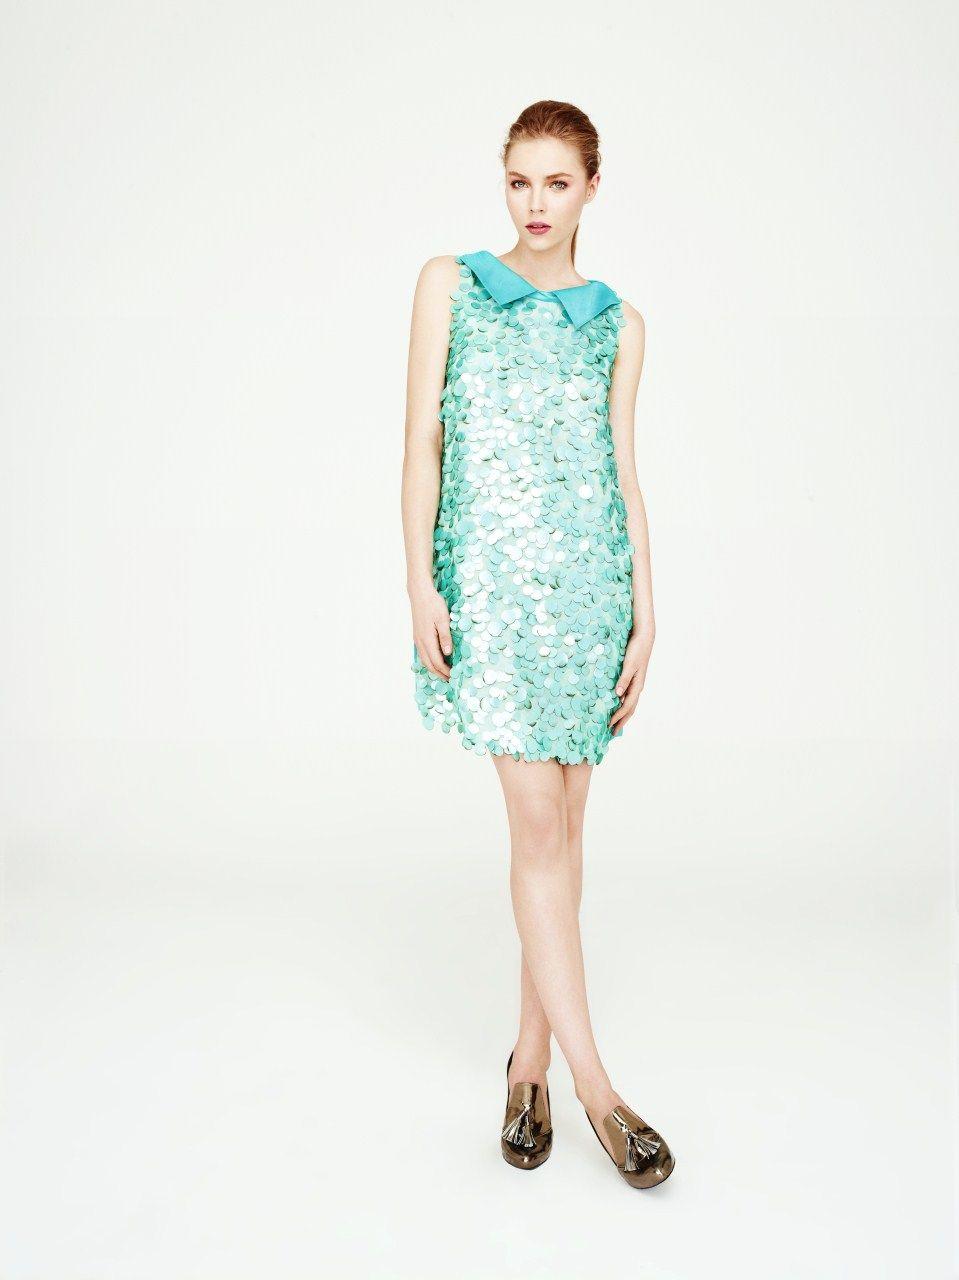 Baby Collar Green Sequined Mini Dress Bebe Yaka Yesil Payetli Mini Elbise Mini Elbise Elbise Giyim